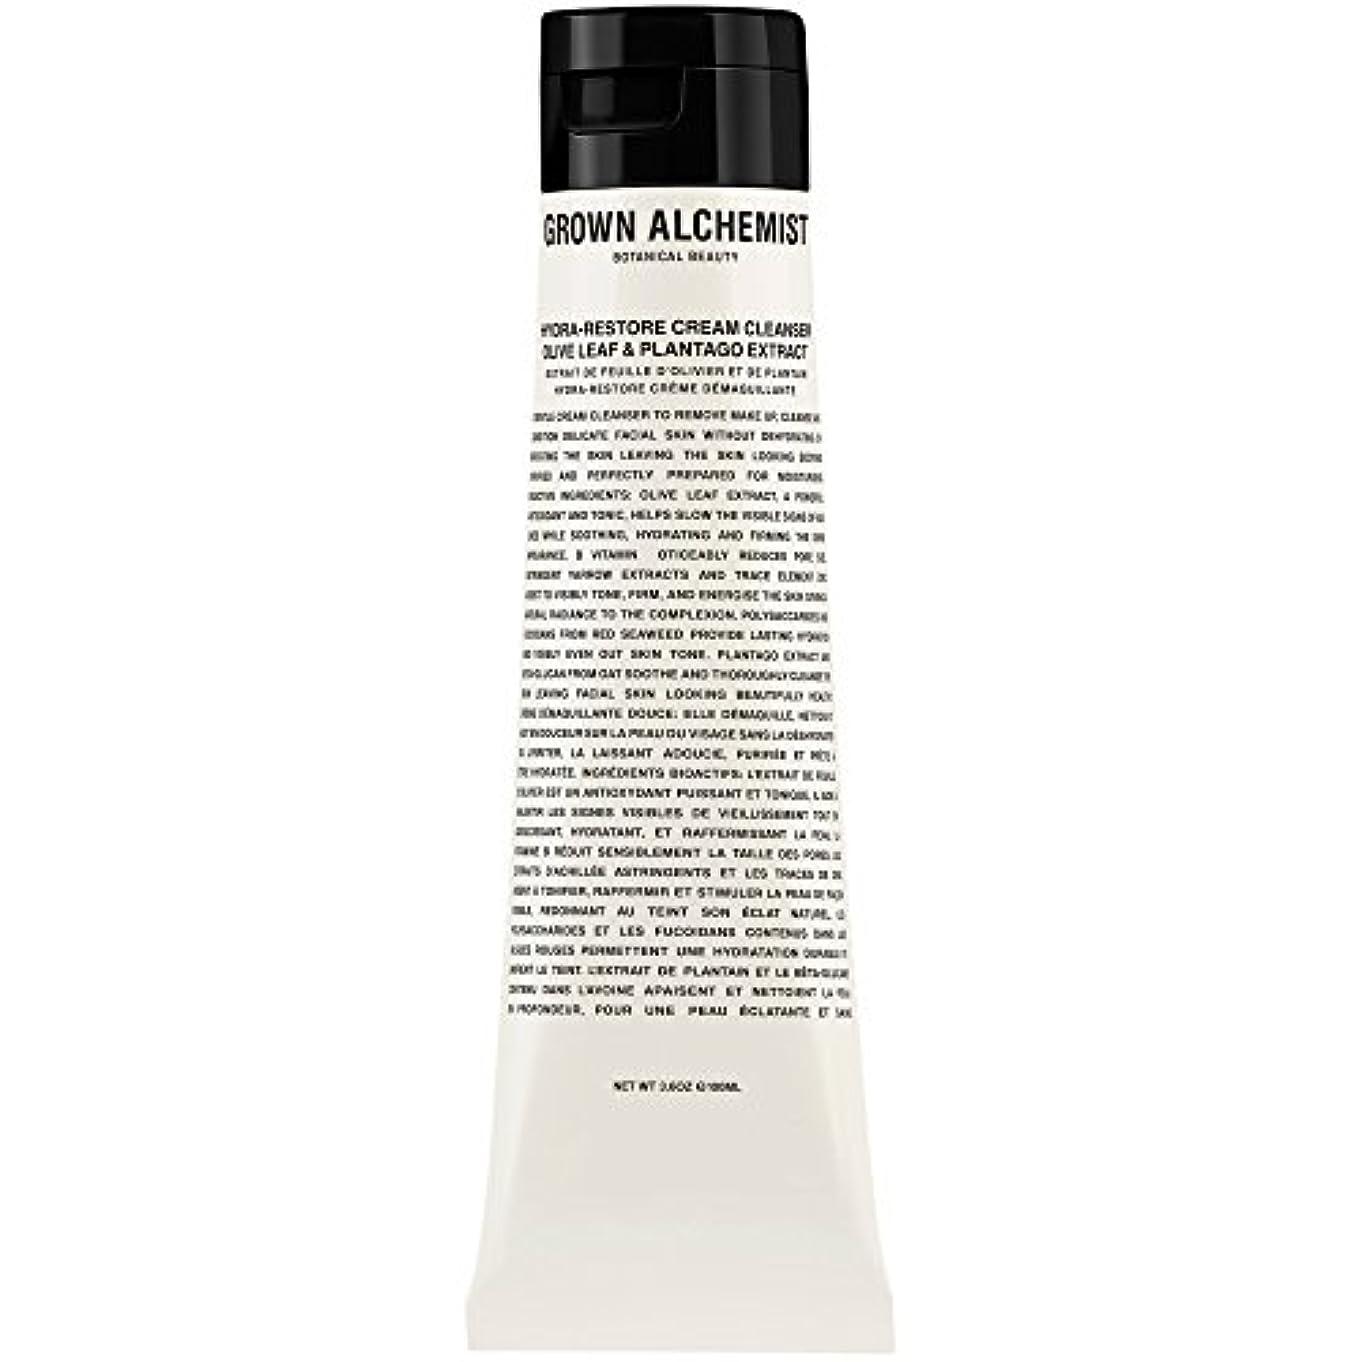 鷹石灰岩ラベルオリーブの葉&Plantogoエキス、100ミリリットル:成長した錬金術師クリームクレンザーをヒドラ復元 (Grown Alchemist) - Grown Alchemist Hydra-Restore Cream Cleanser...